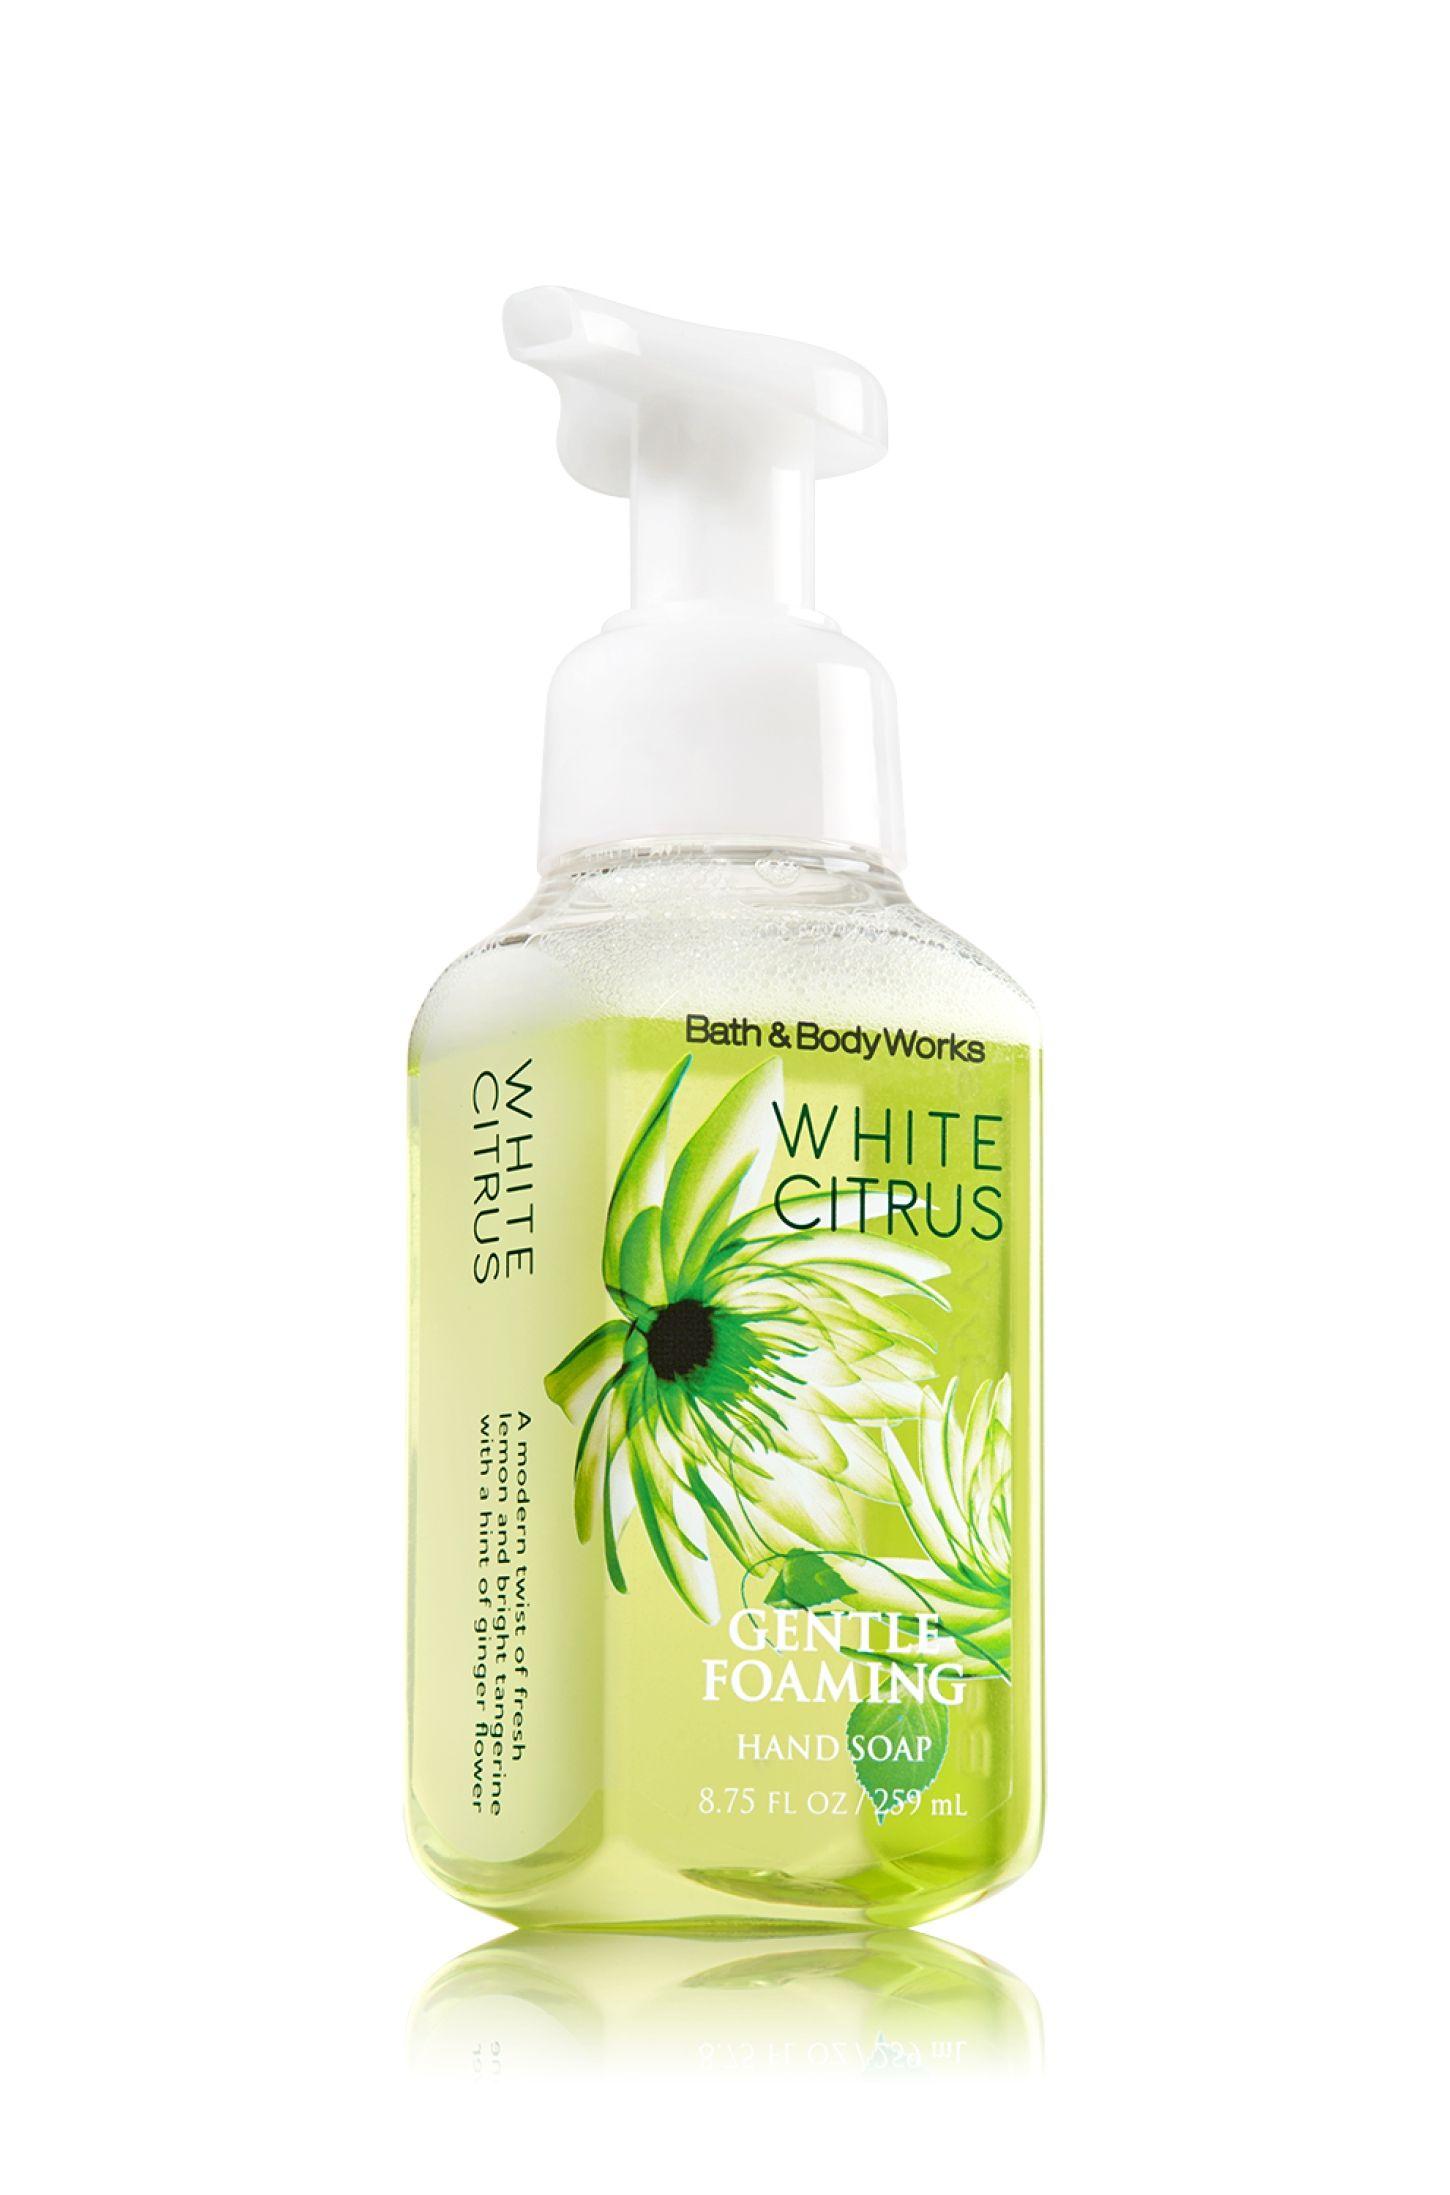 White Citrus Gentle Foaming Hand Soap Soap Sanitizer Bath